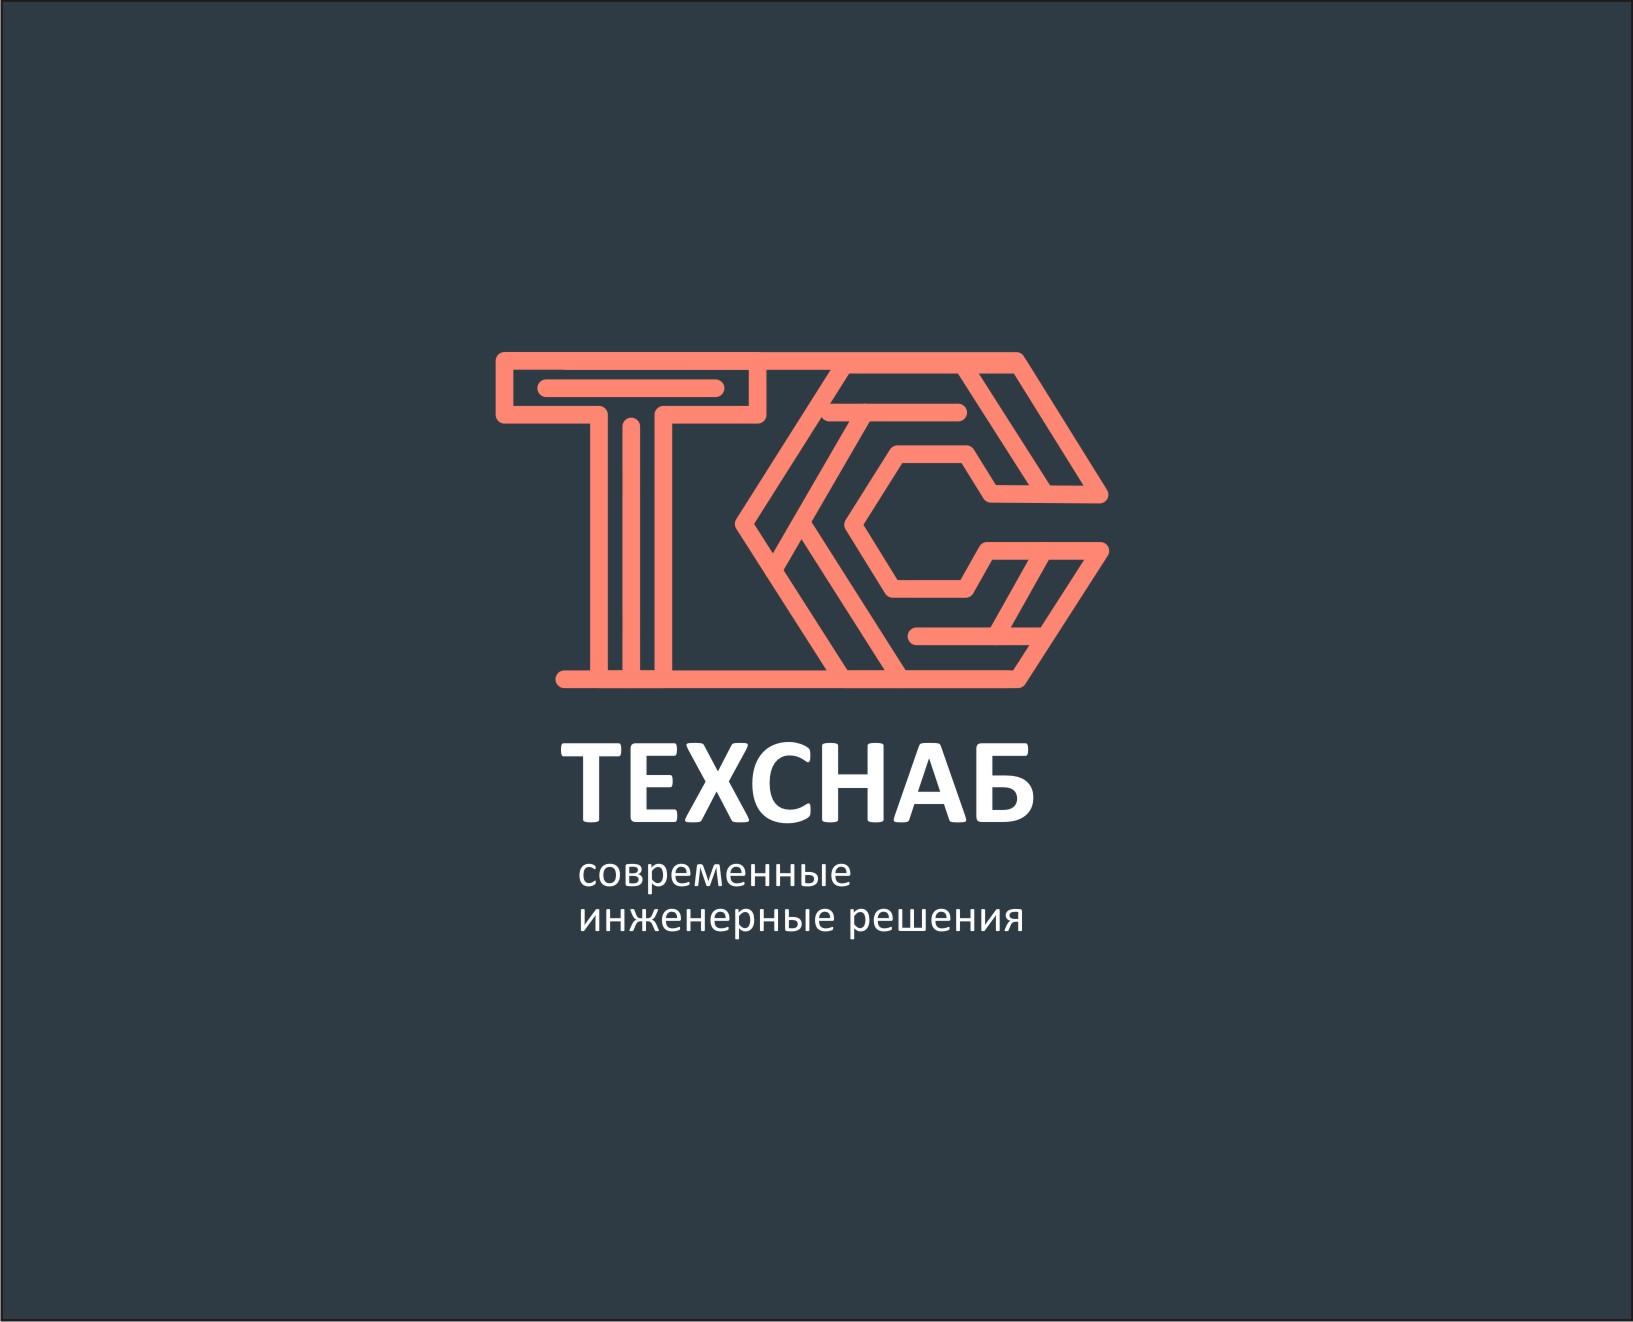 Разработка логотипа и фирм. стиля компании  ТЕХСНАБ фото f_7625b1c438ce1b64.jpg